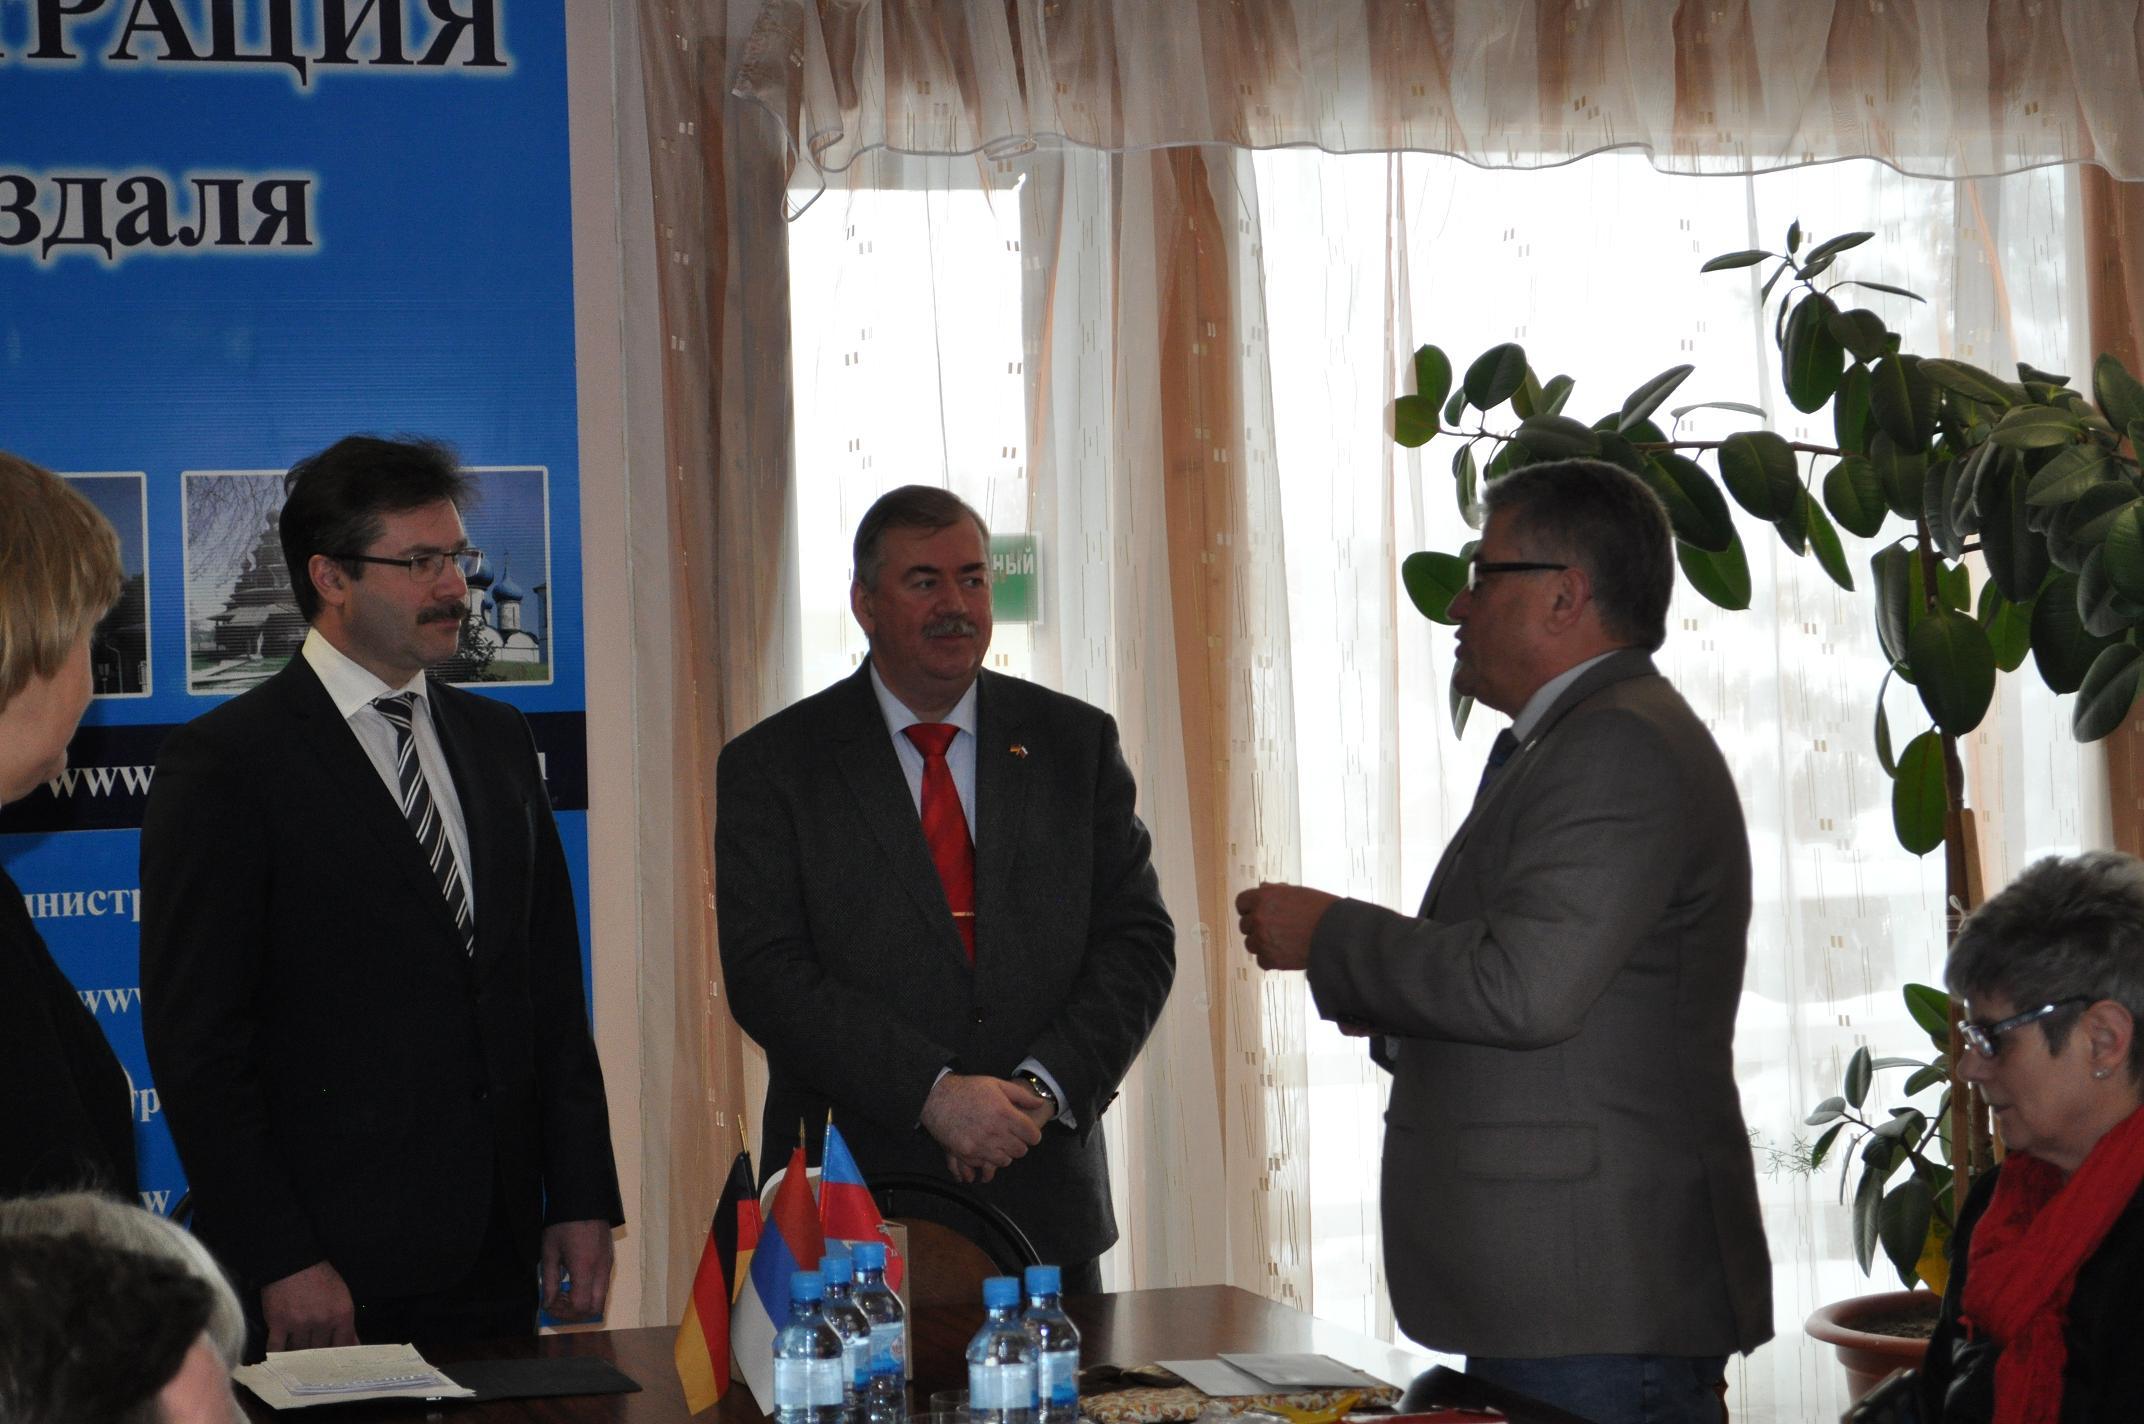 Приезд немецкой делегации в Суздаль